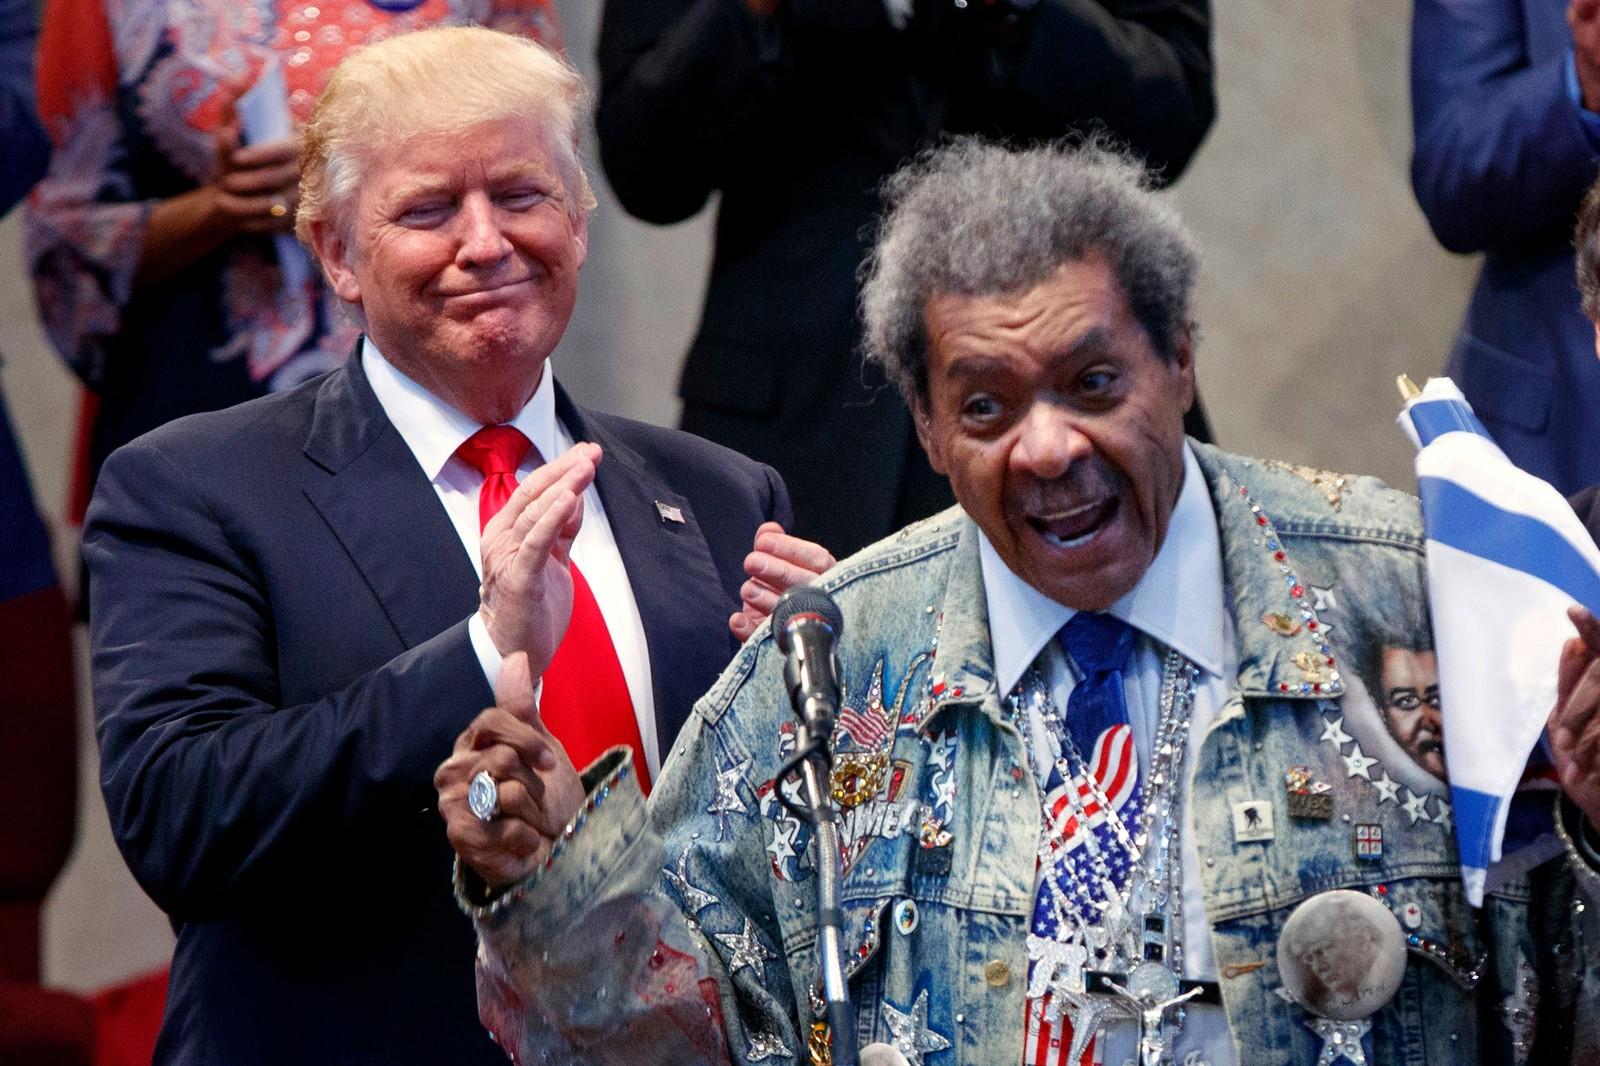 """To karakterer. To """"Donalder"""" To gode venner. Donald Trump trenger å nå ut til afroamerikanske velgere. Da er det kanskje greit å ha Don King på laget. Her like før Trump skal tale i Cleveland i Ohio i USA den 21 september."""